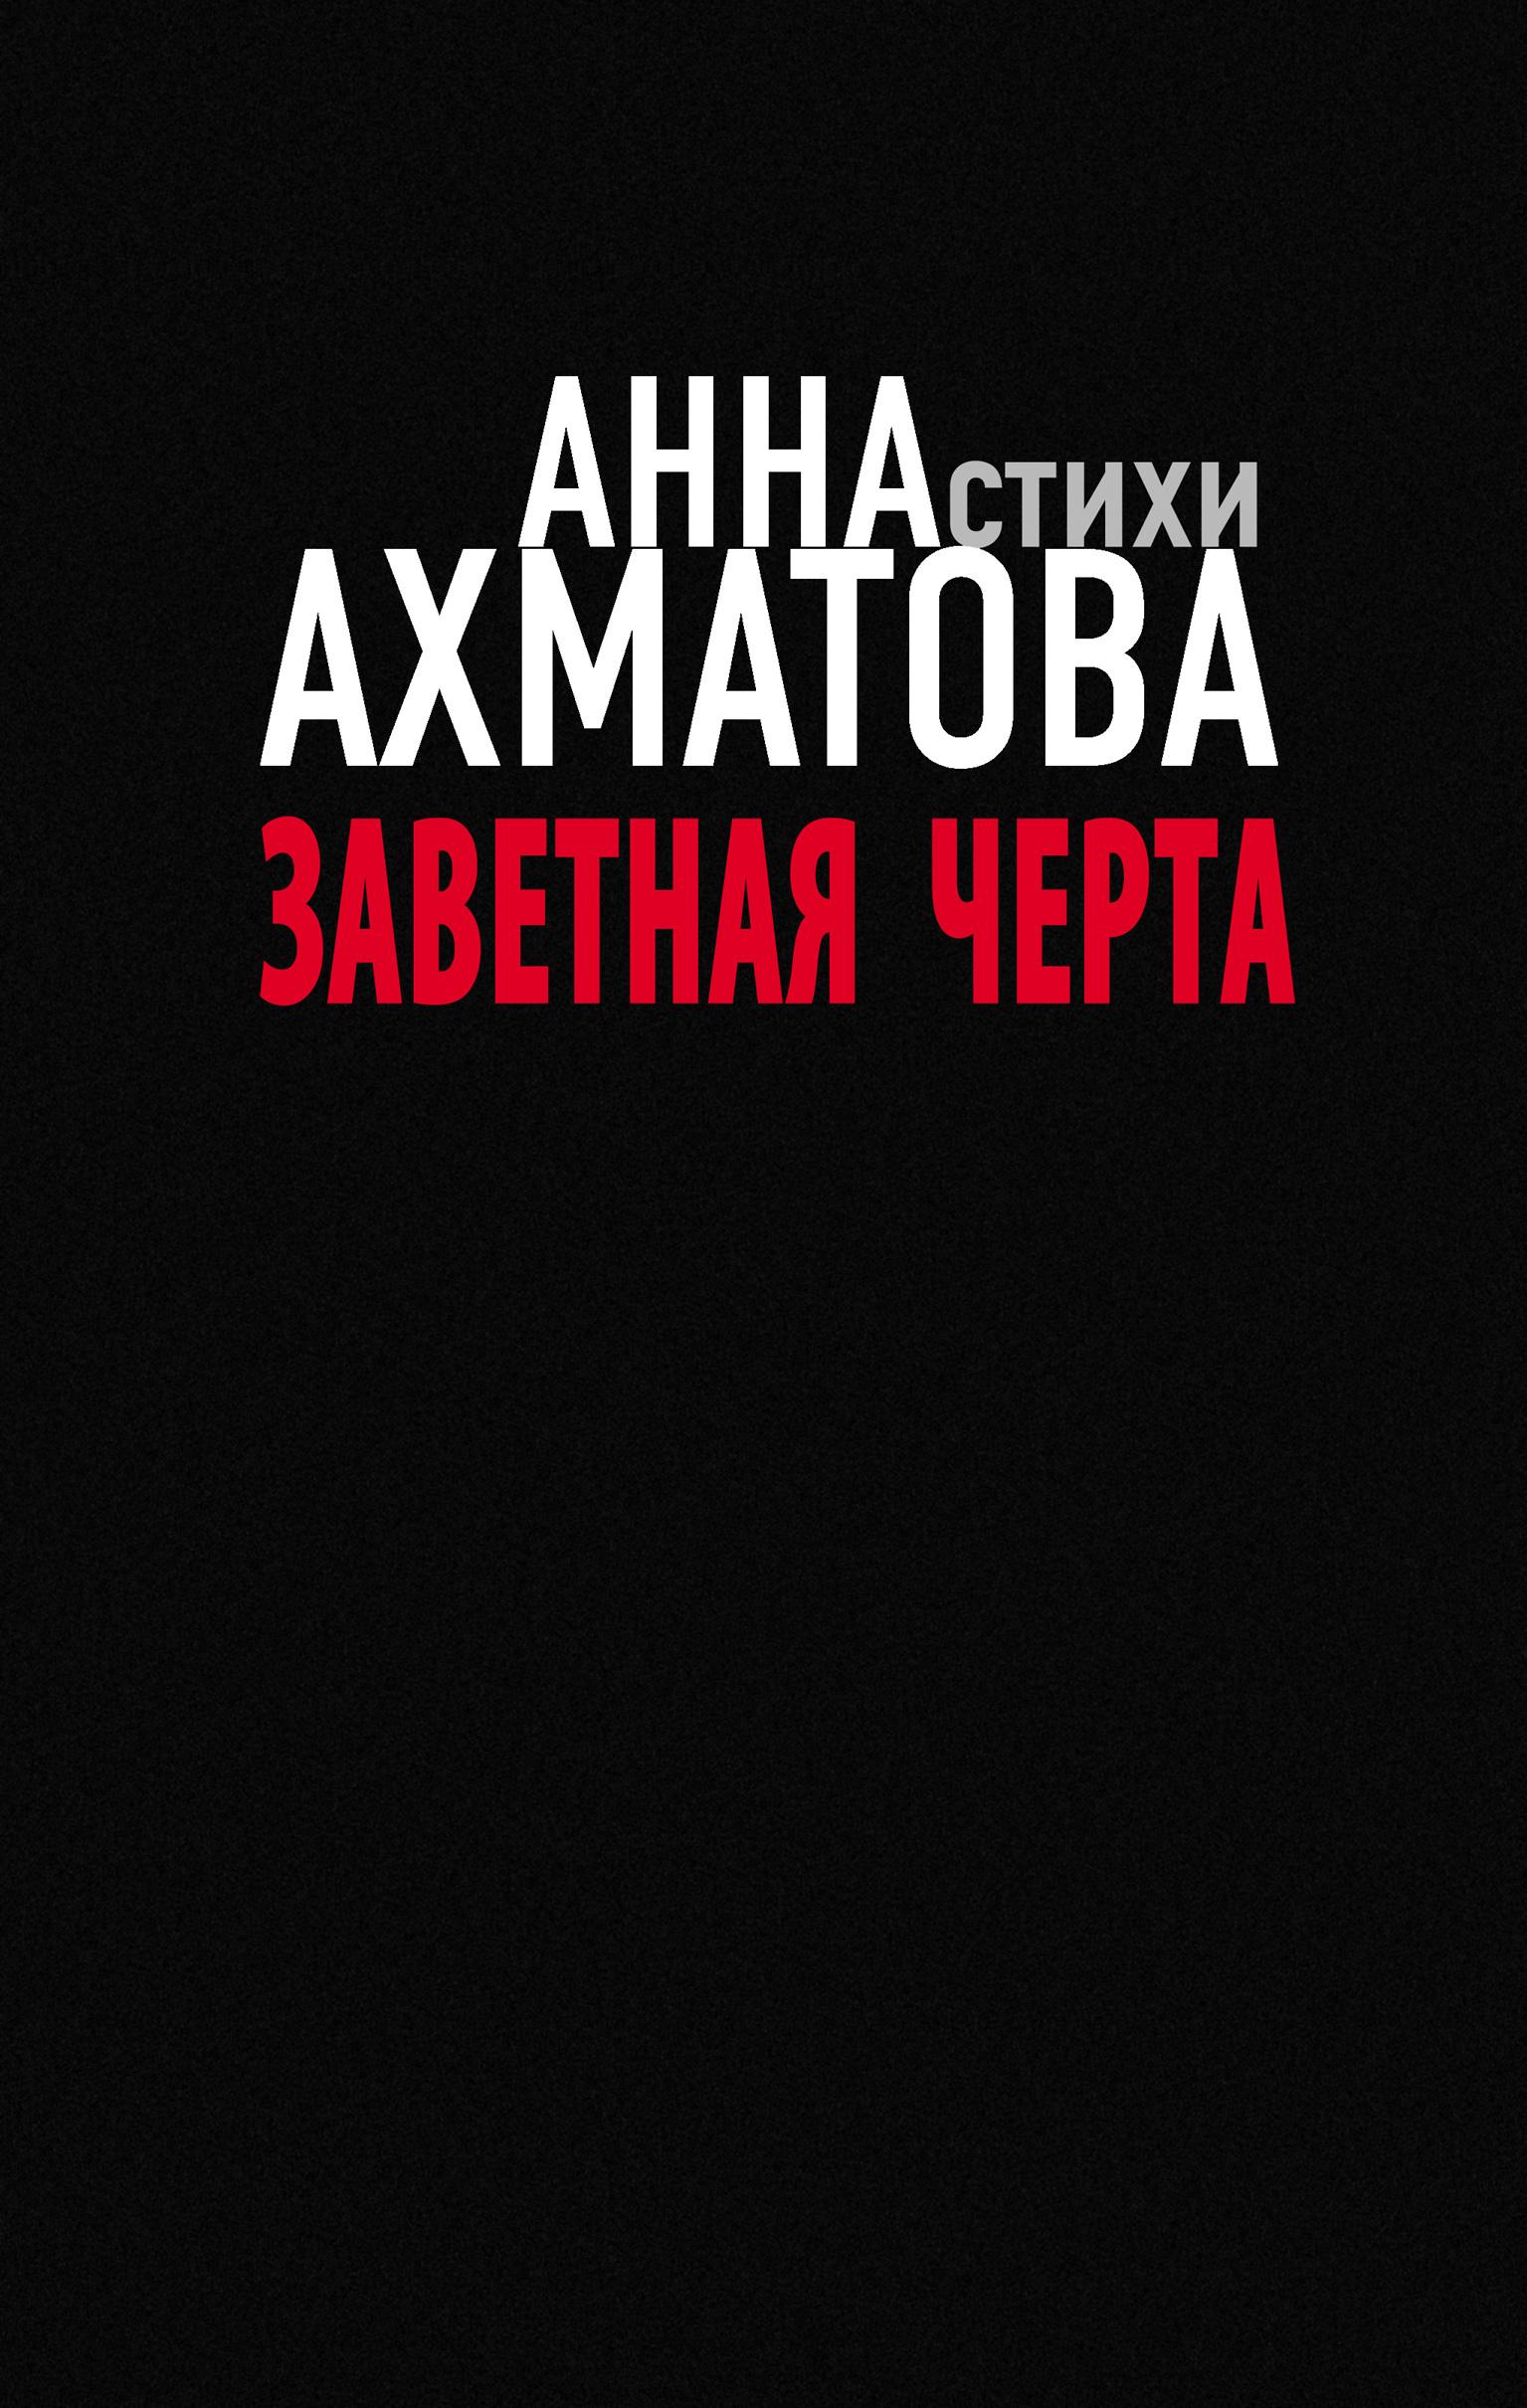 Анна Ахматова Заветная черта ахматова поэма без героя 2019 01 15t20 00